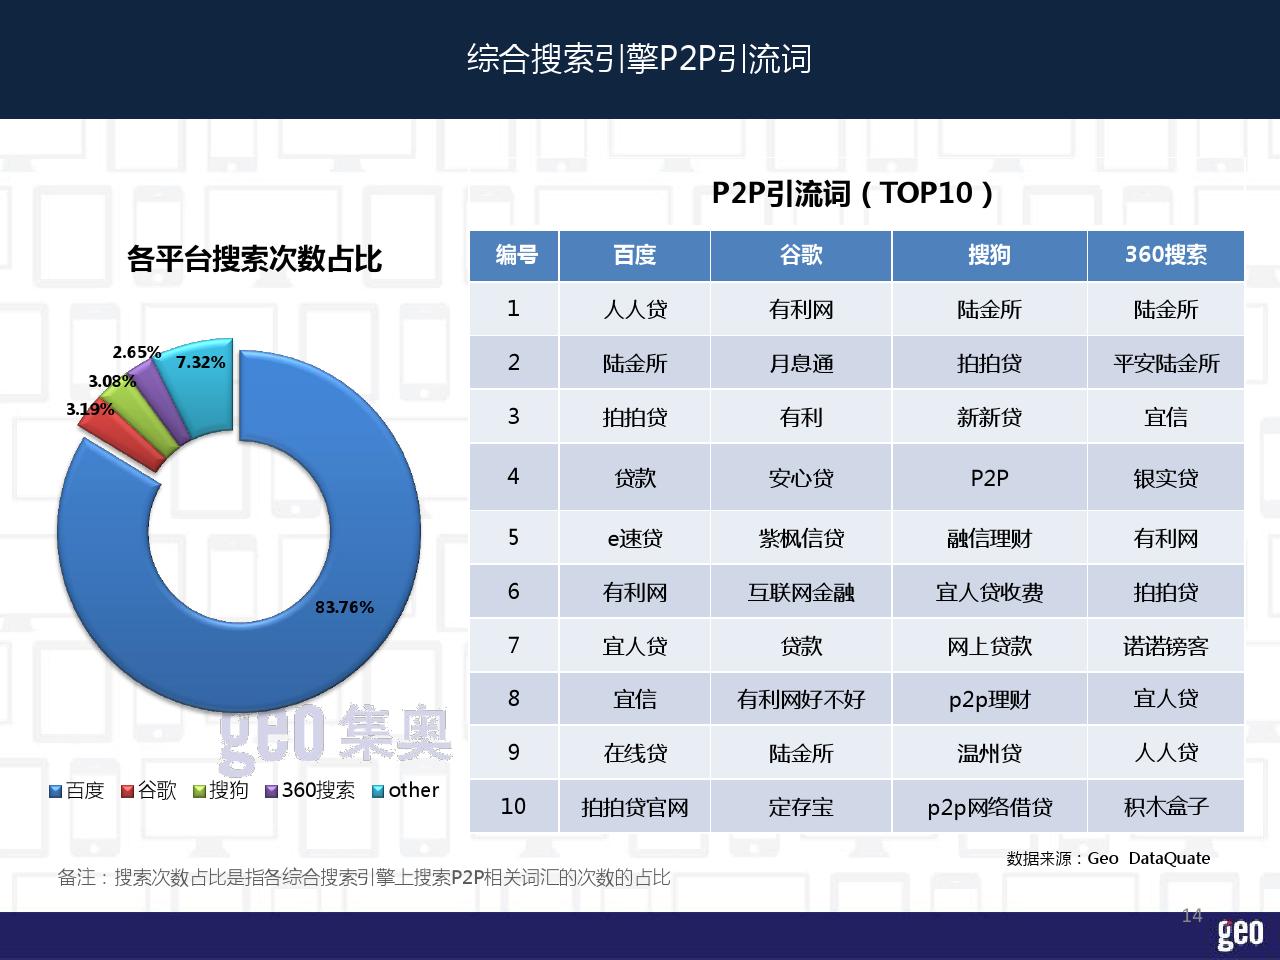 P2P行业洞察报告_000014